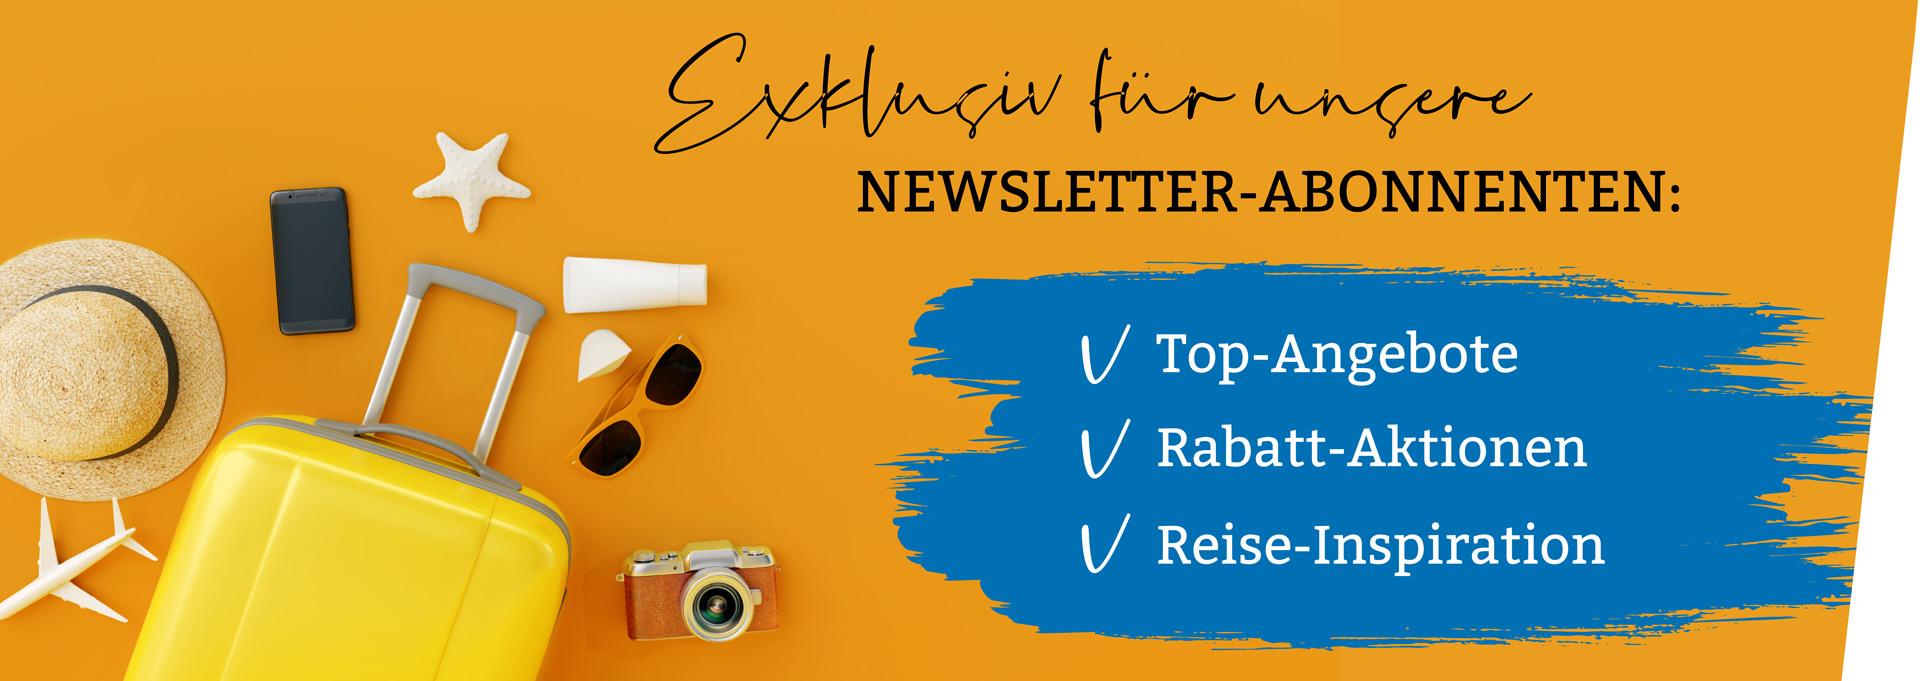 pop-up_newsletter-anmeldung_web